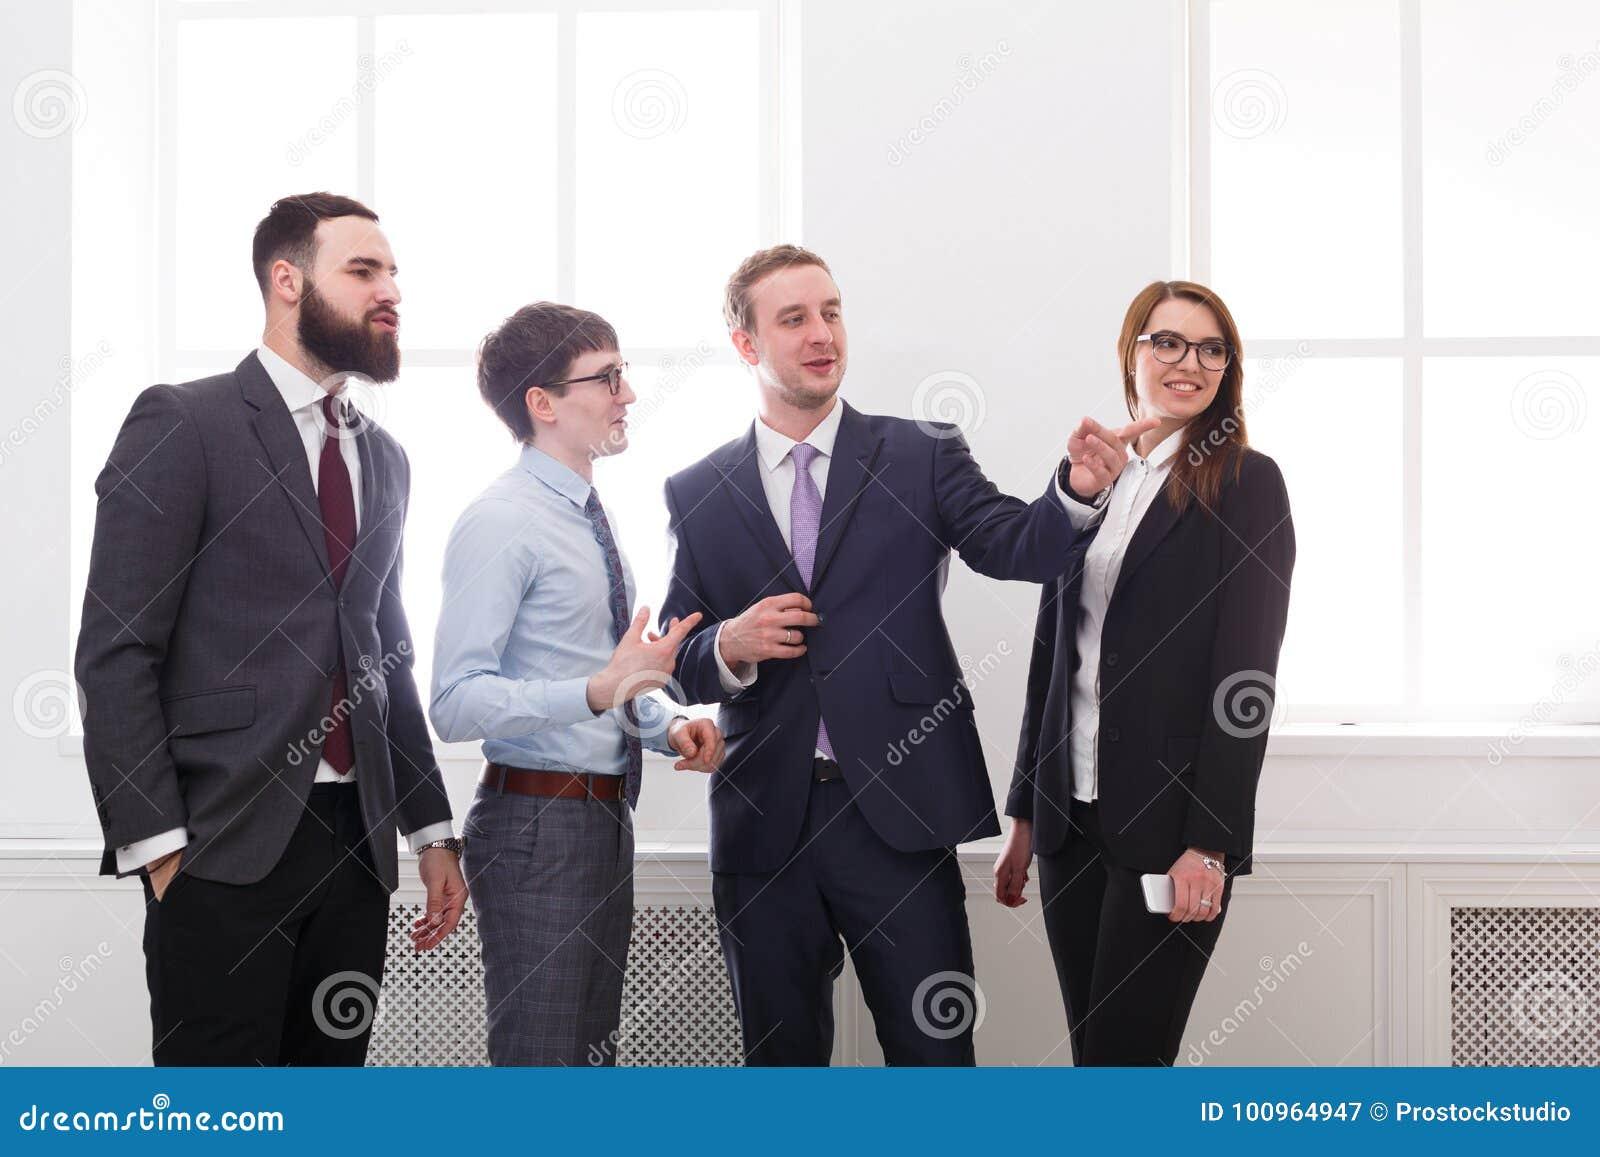 Sitzungsgeschäftsleute, Diskussion korporativ Erfolg Schach stellt Bischöfe dar Bild 3D auf weißem Hintergrund